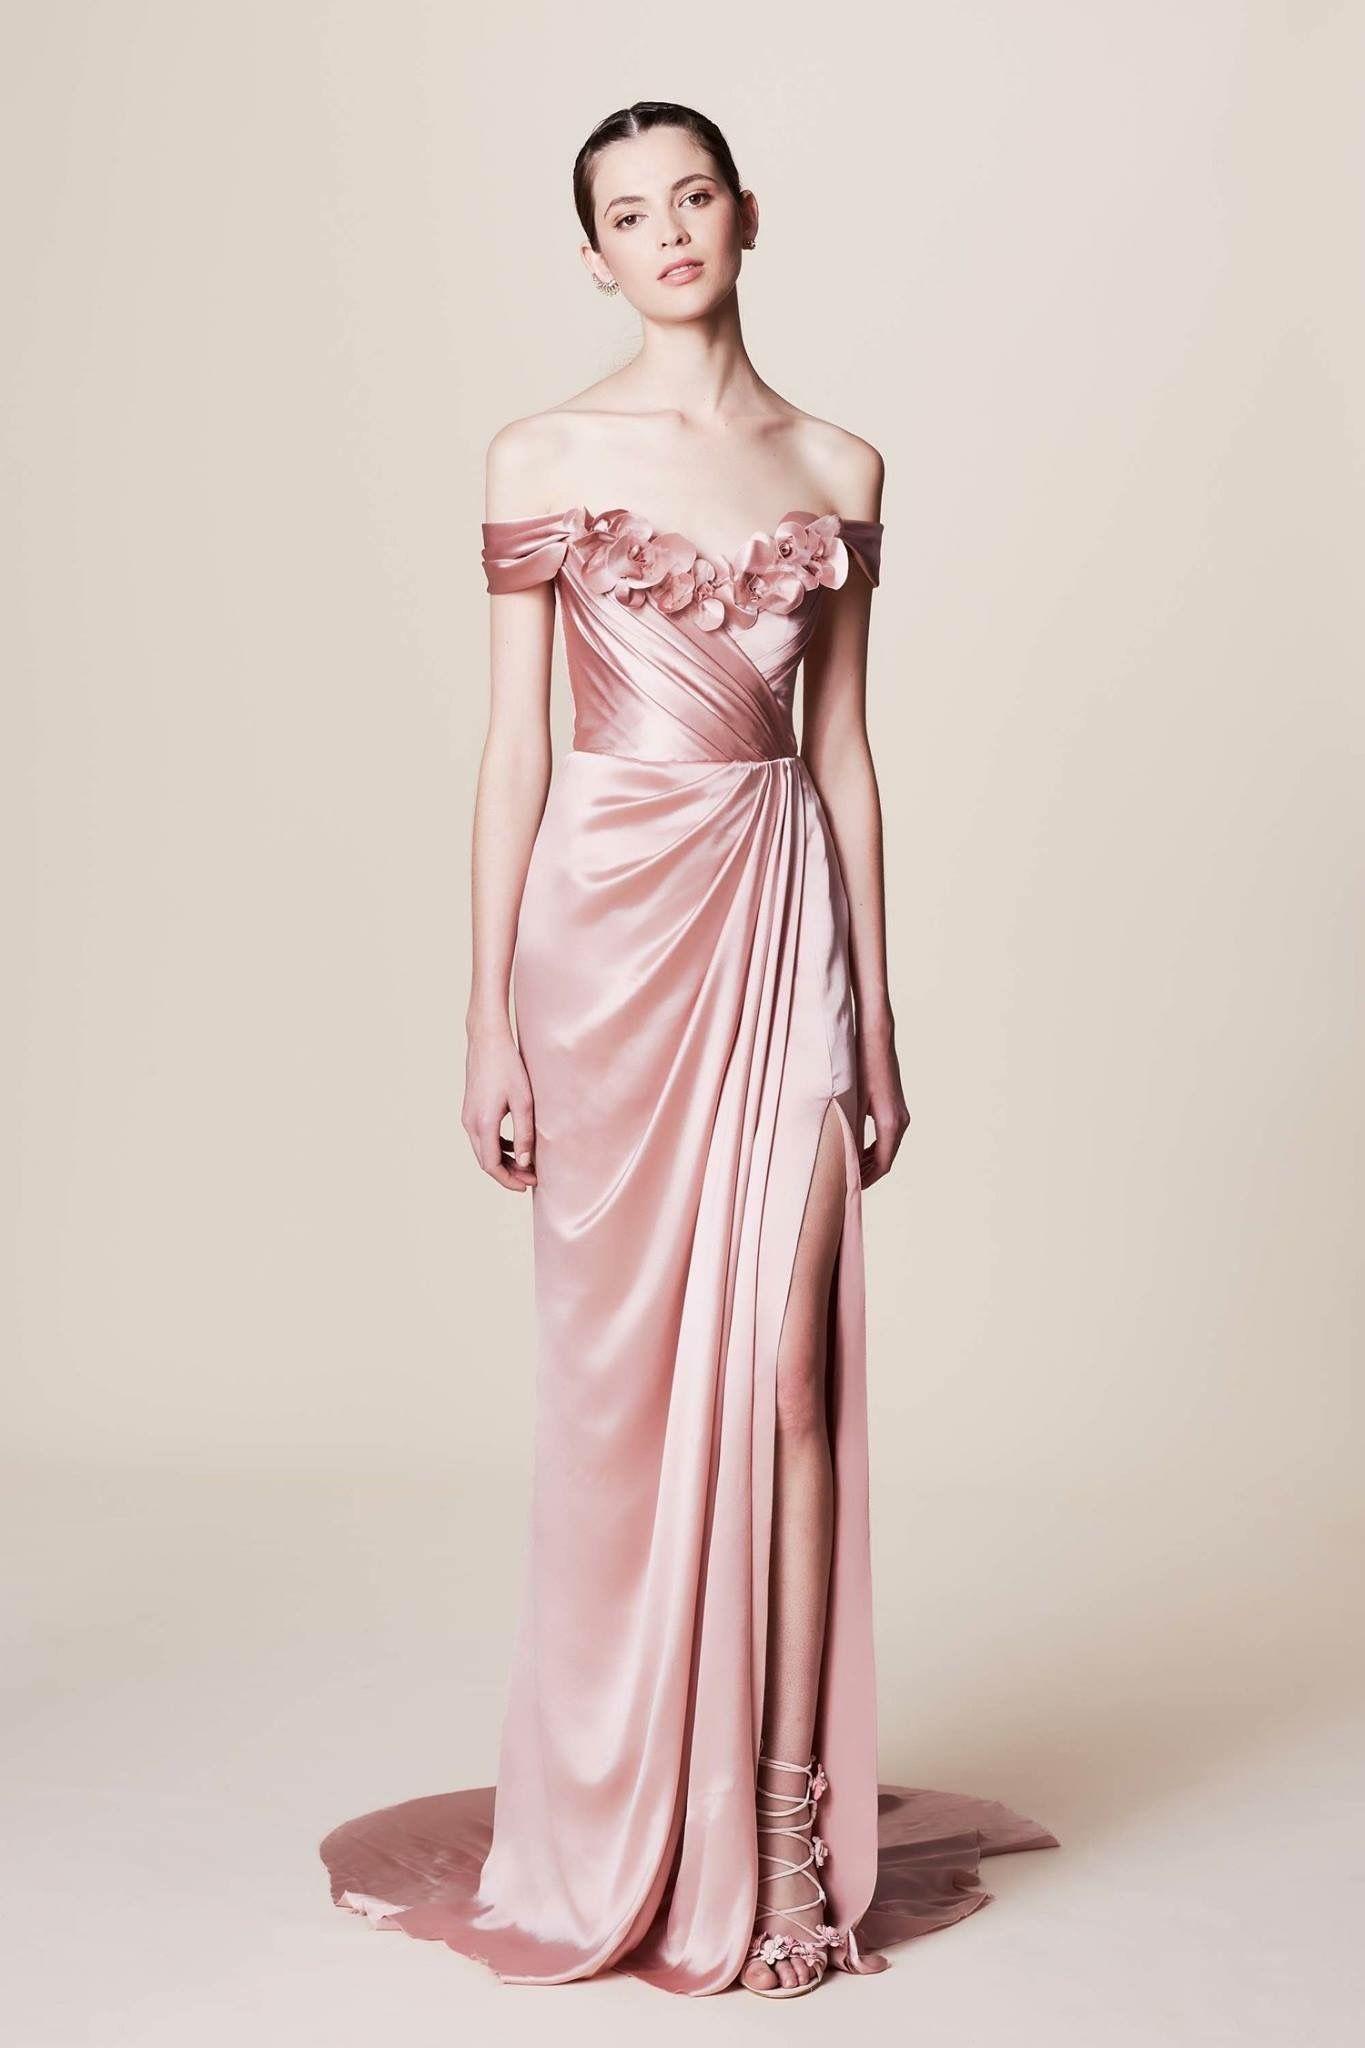 Pin de Layge en Gorgeous gowns | Pinterest | Alta costura, Traje y ...